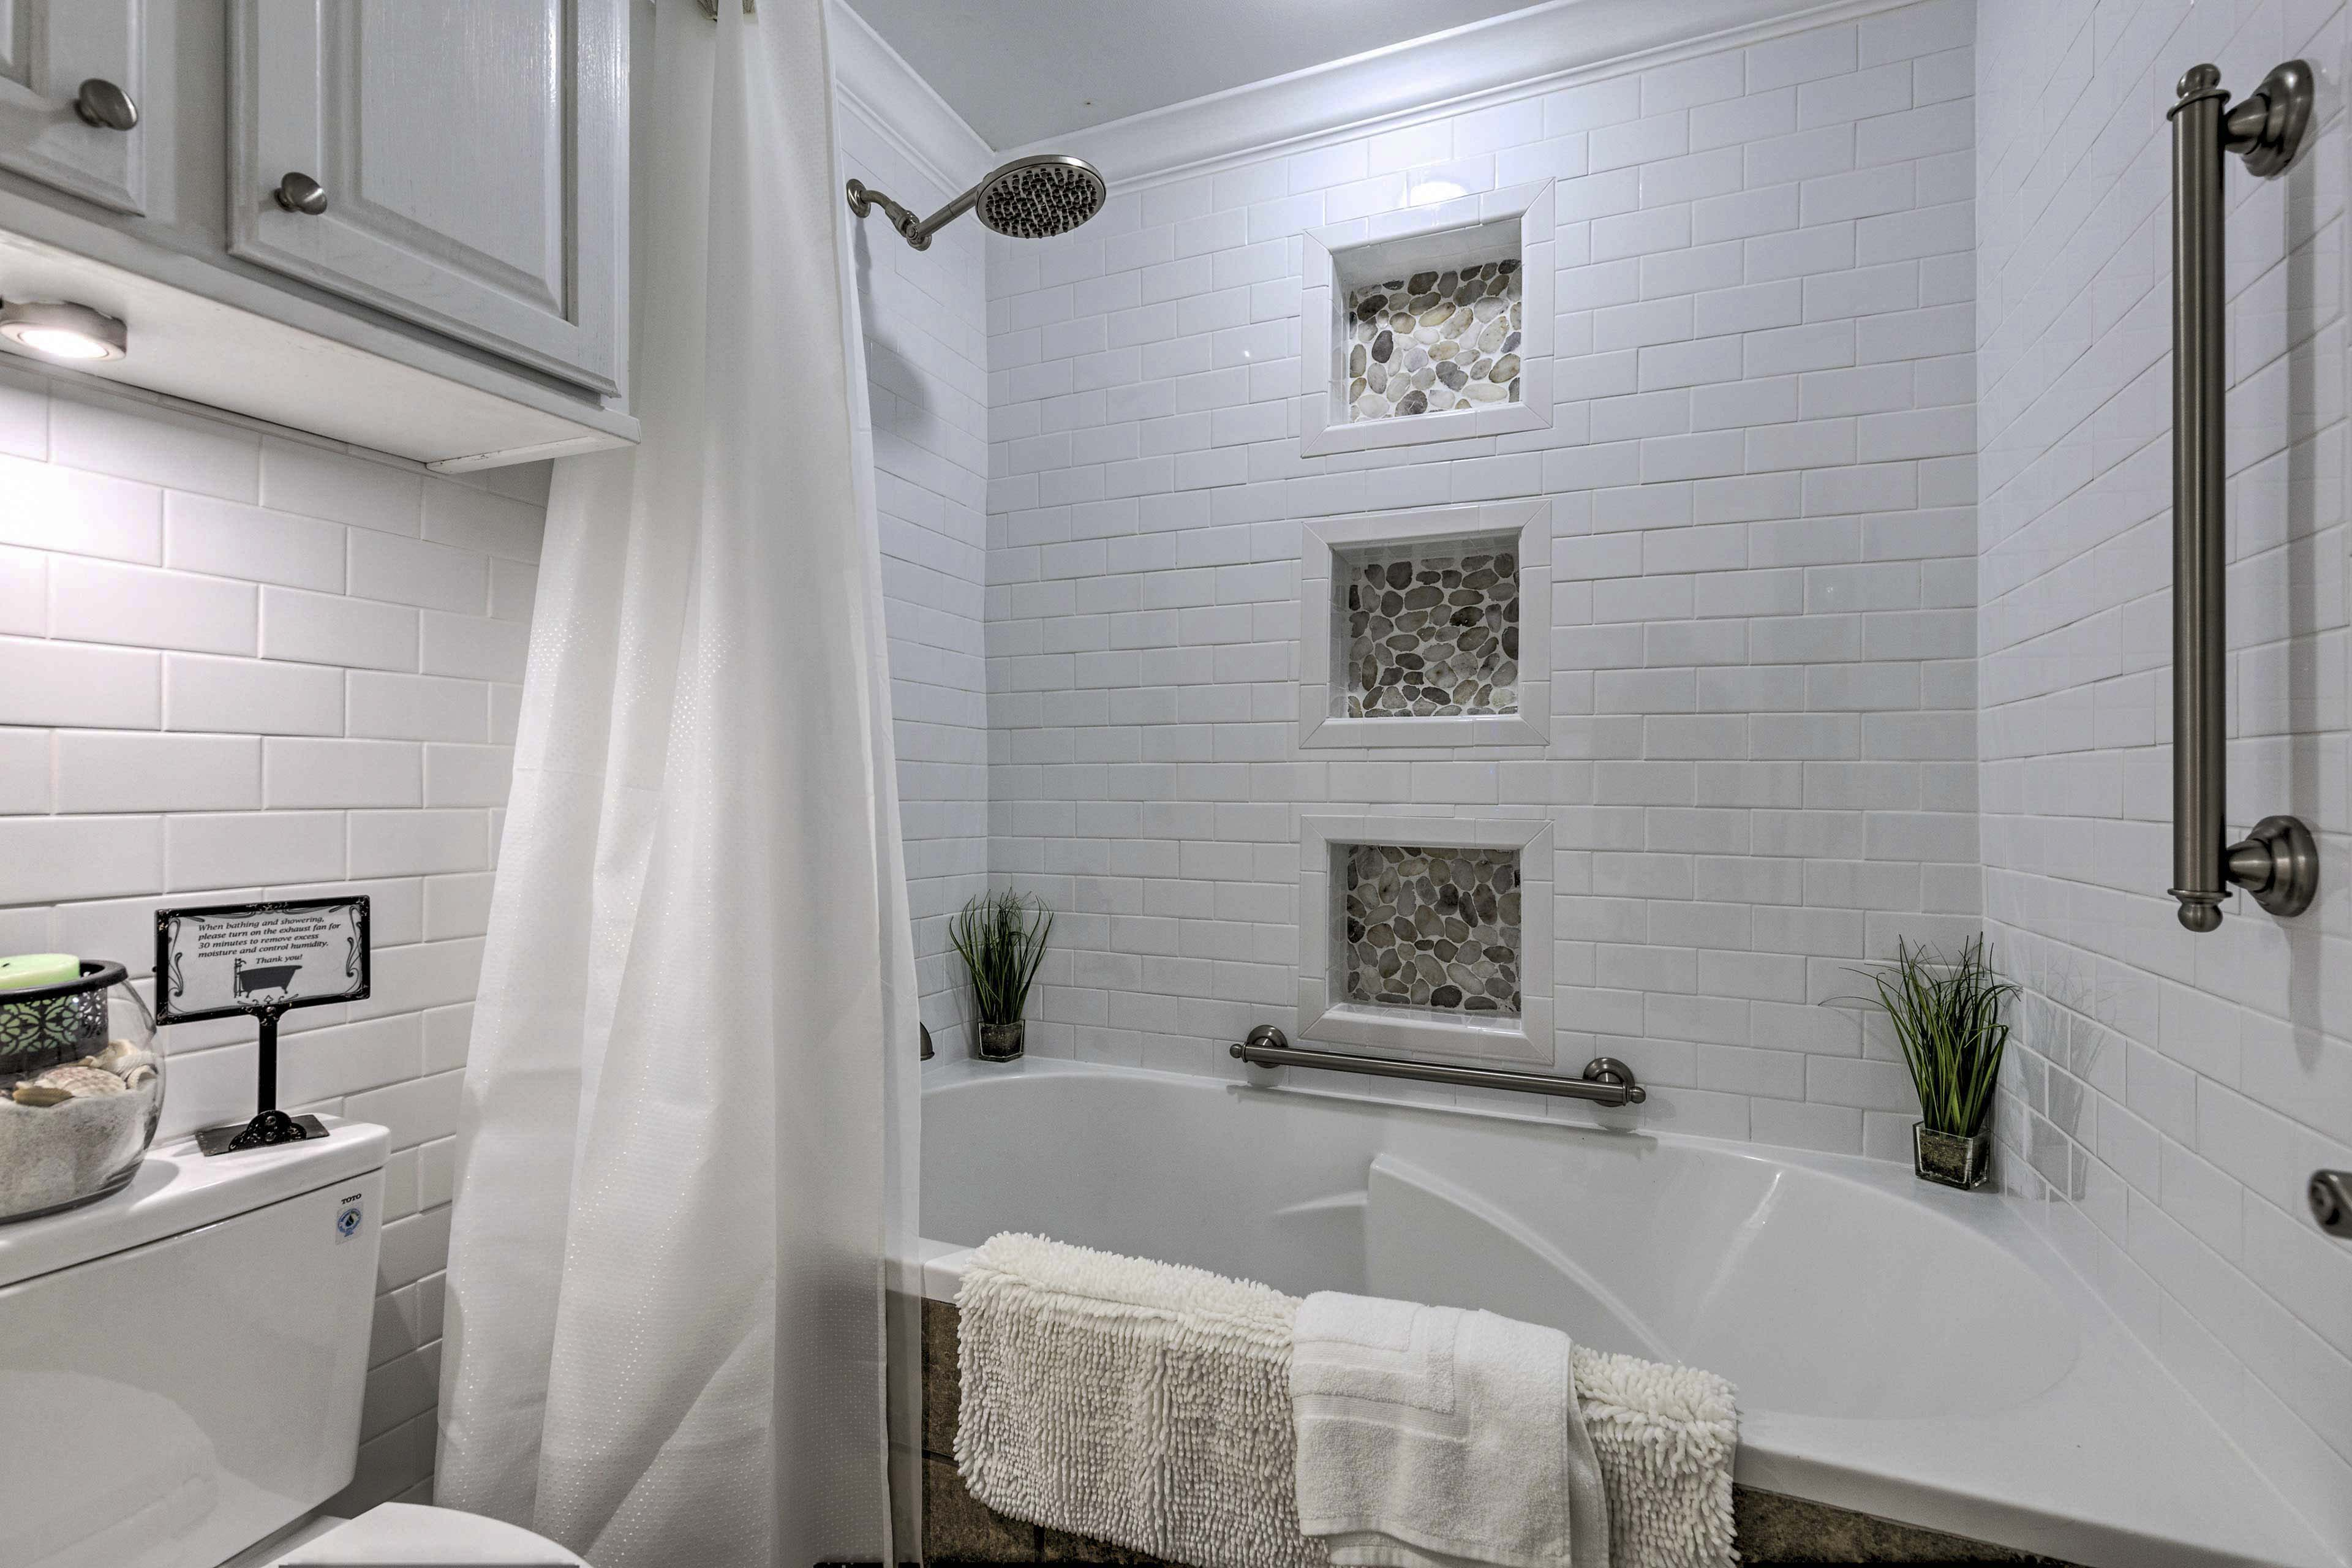 Full Bathroom | Tub/Shower Combo